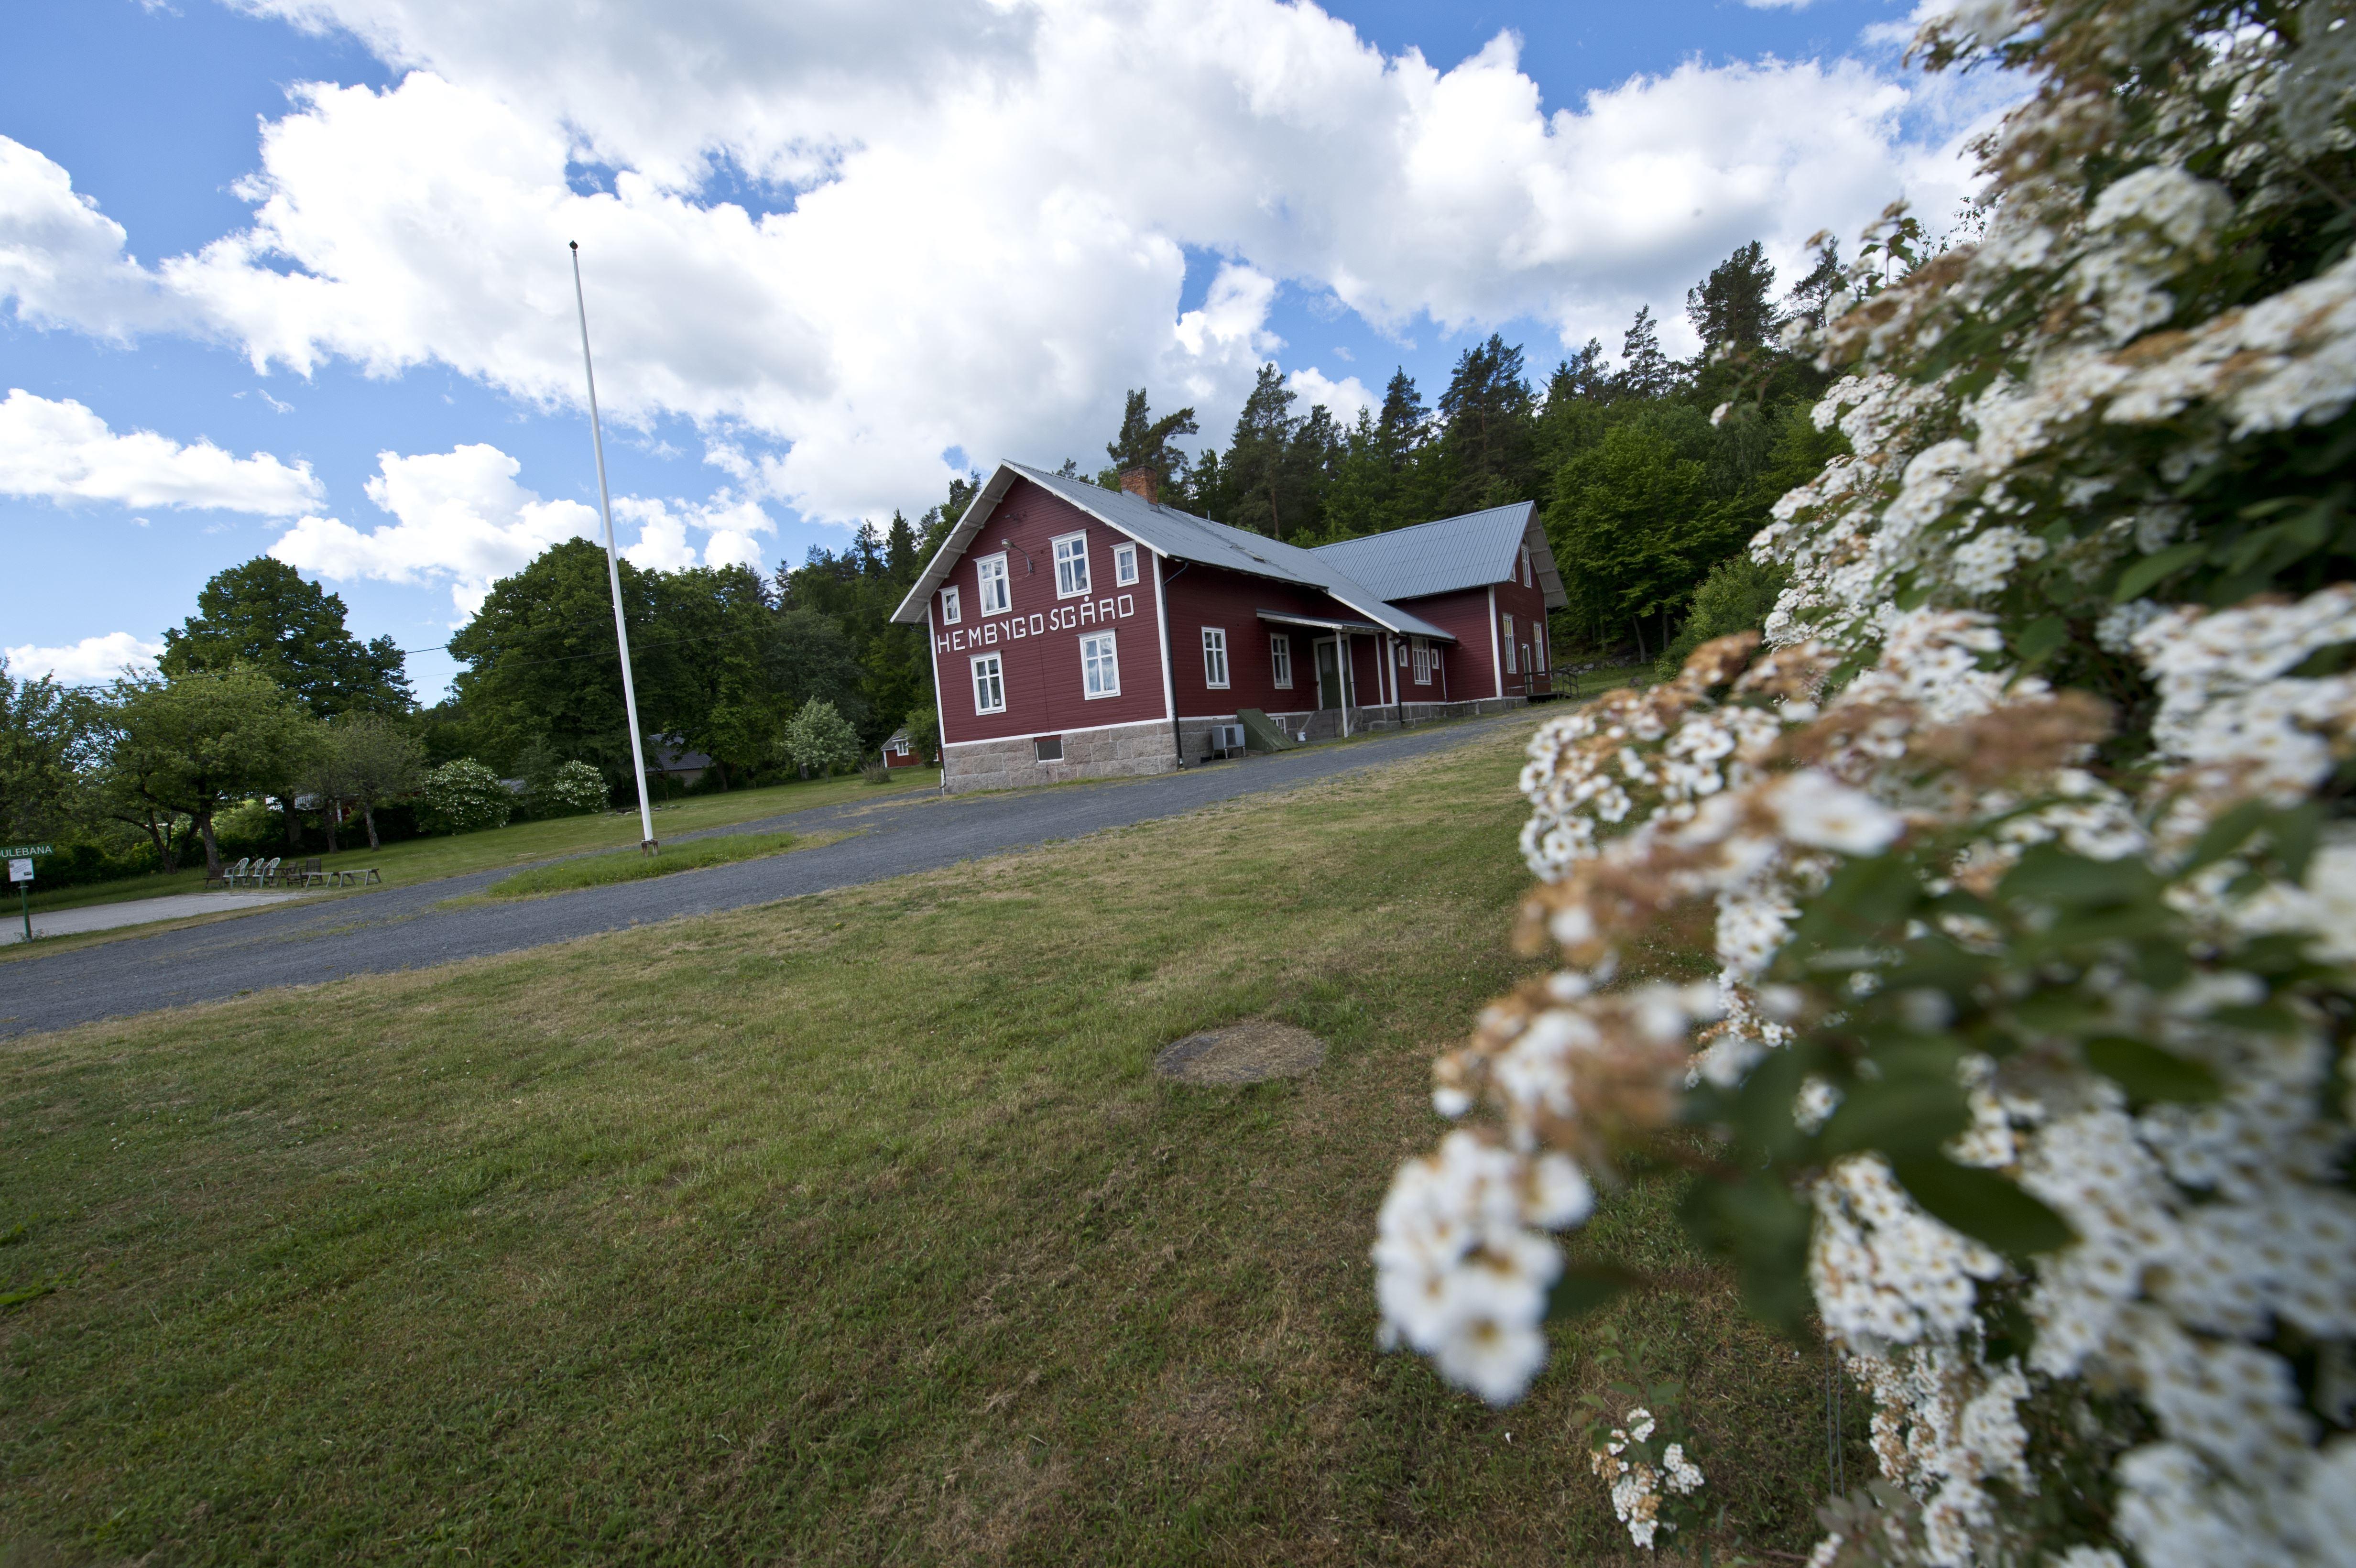 Törneryd's school building